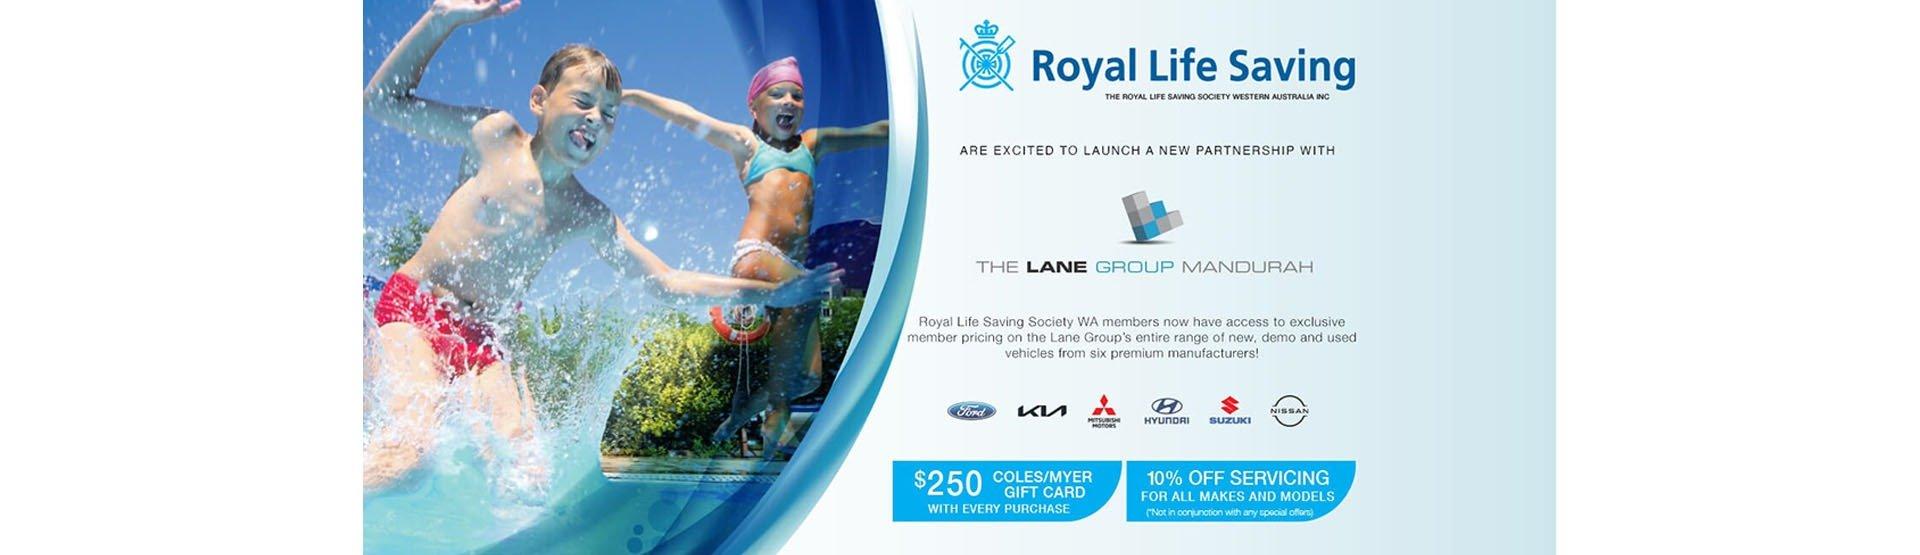 Royal Life Saving Society Partnership